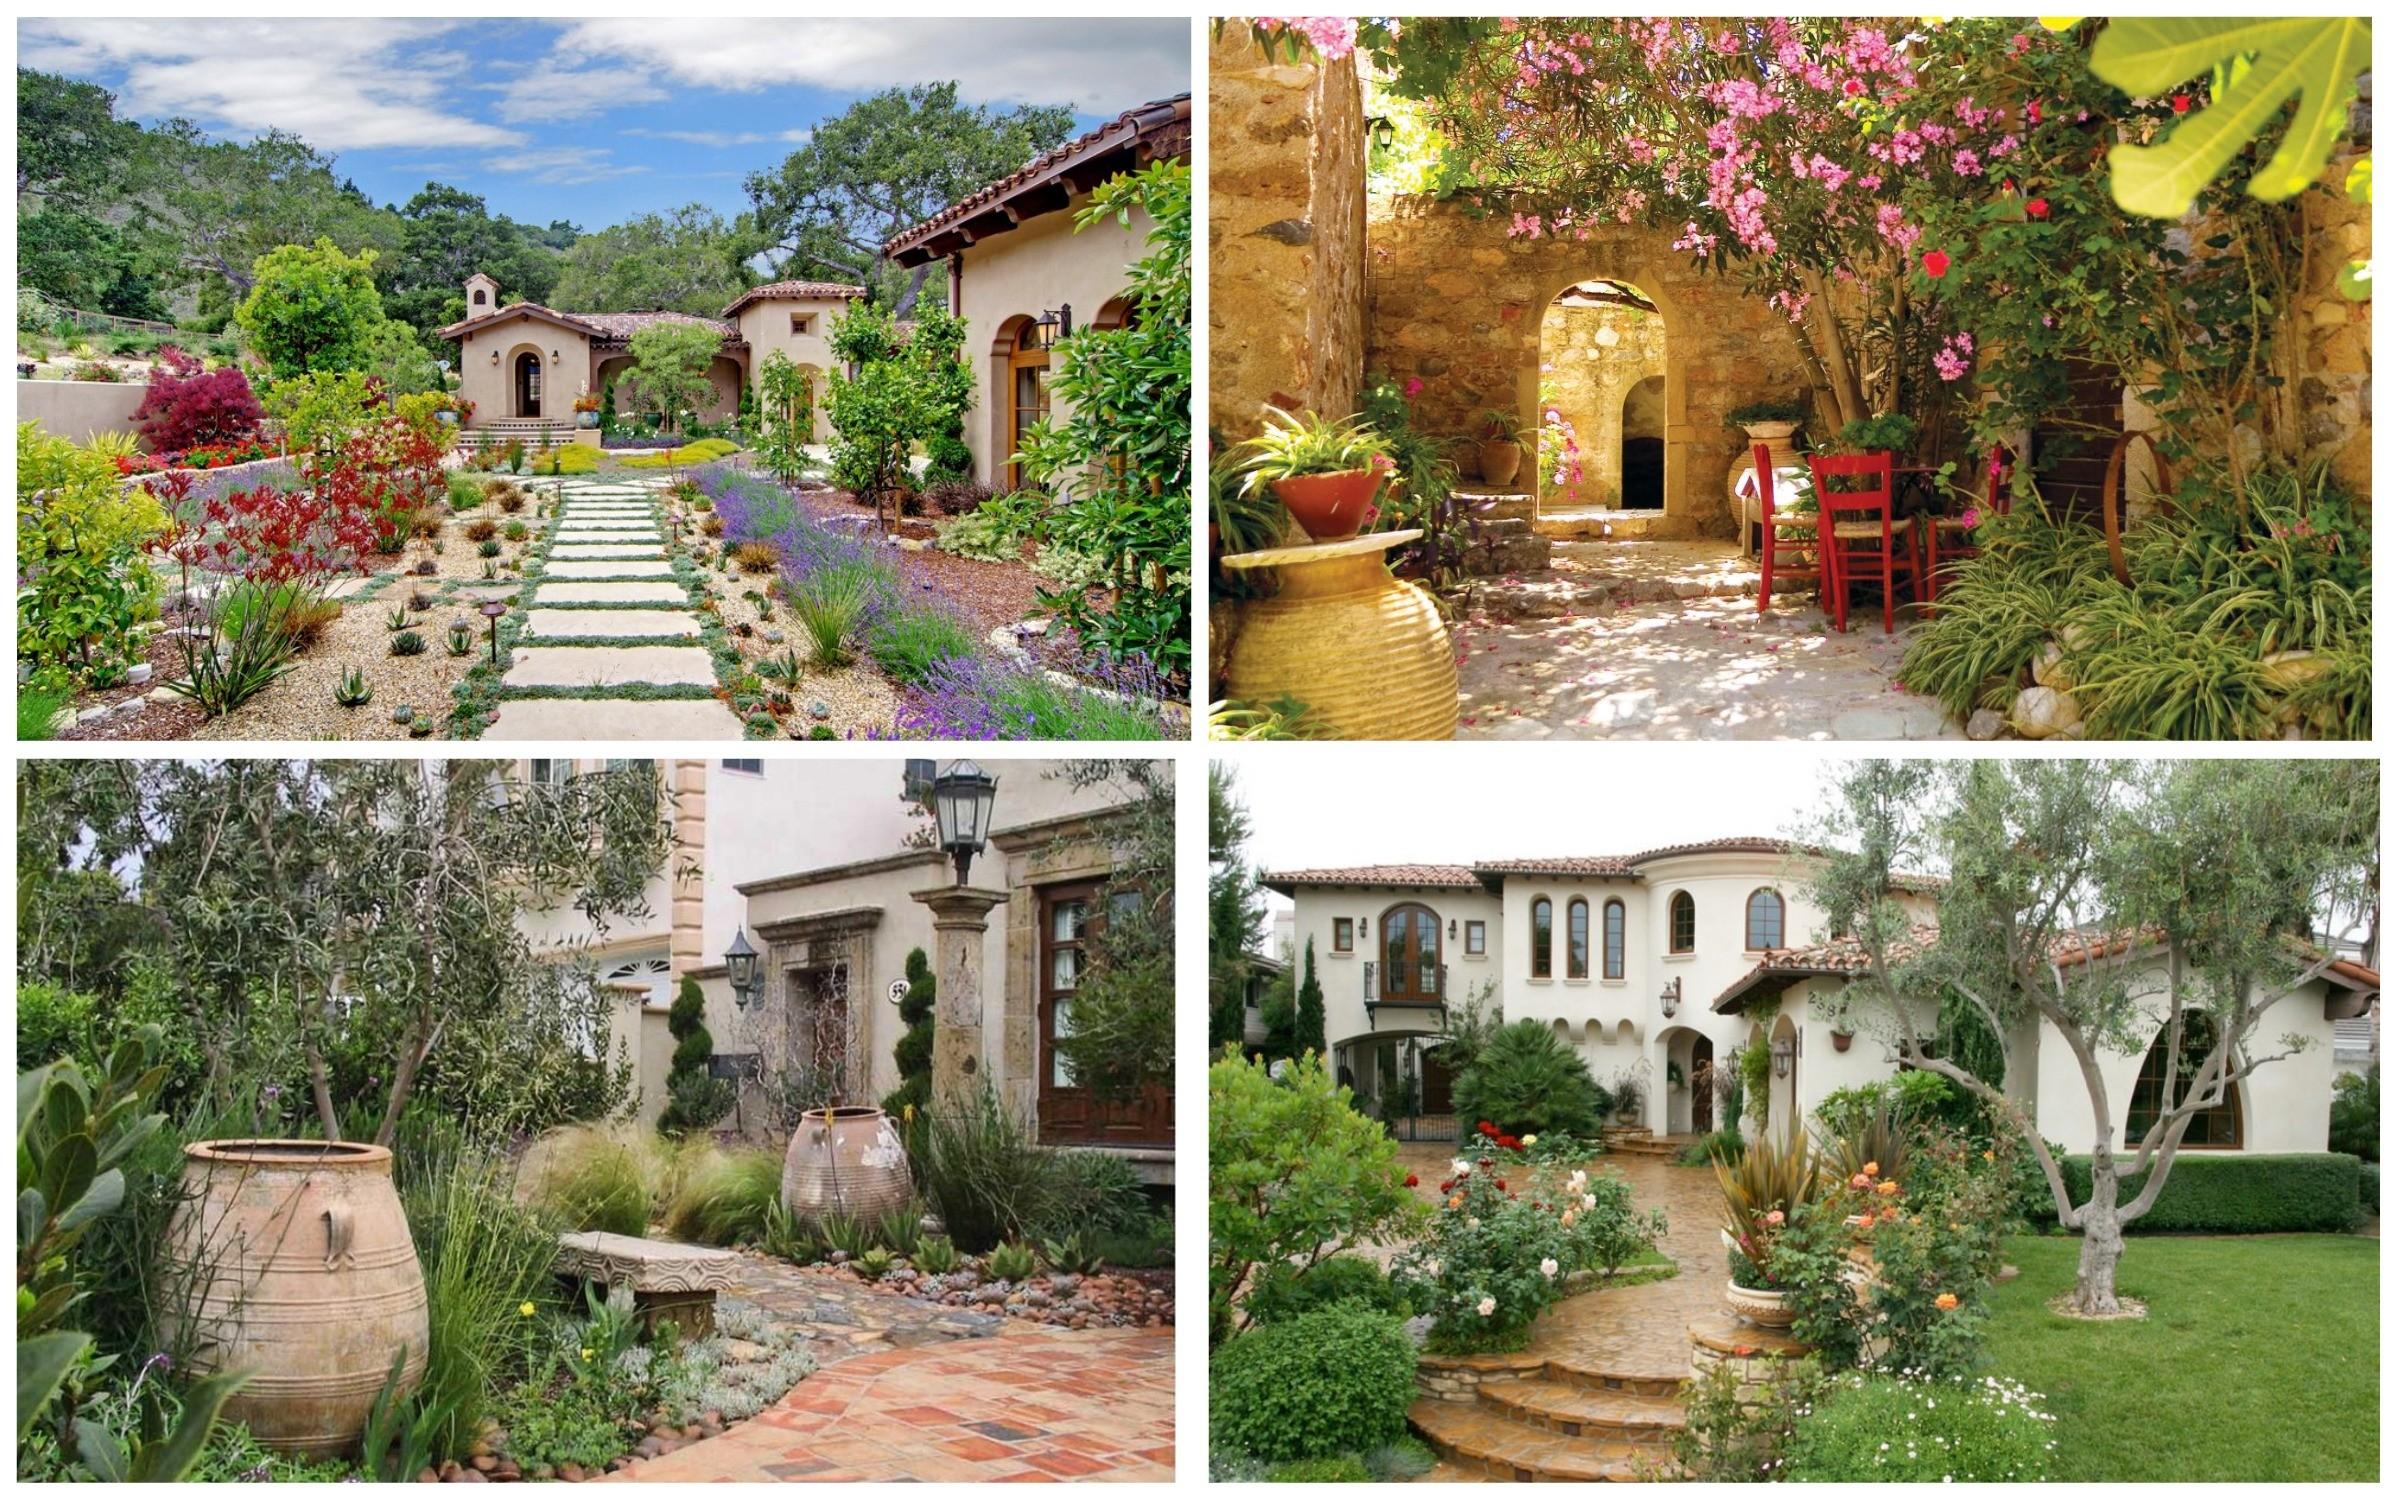 фото средиземноморского стиля сада